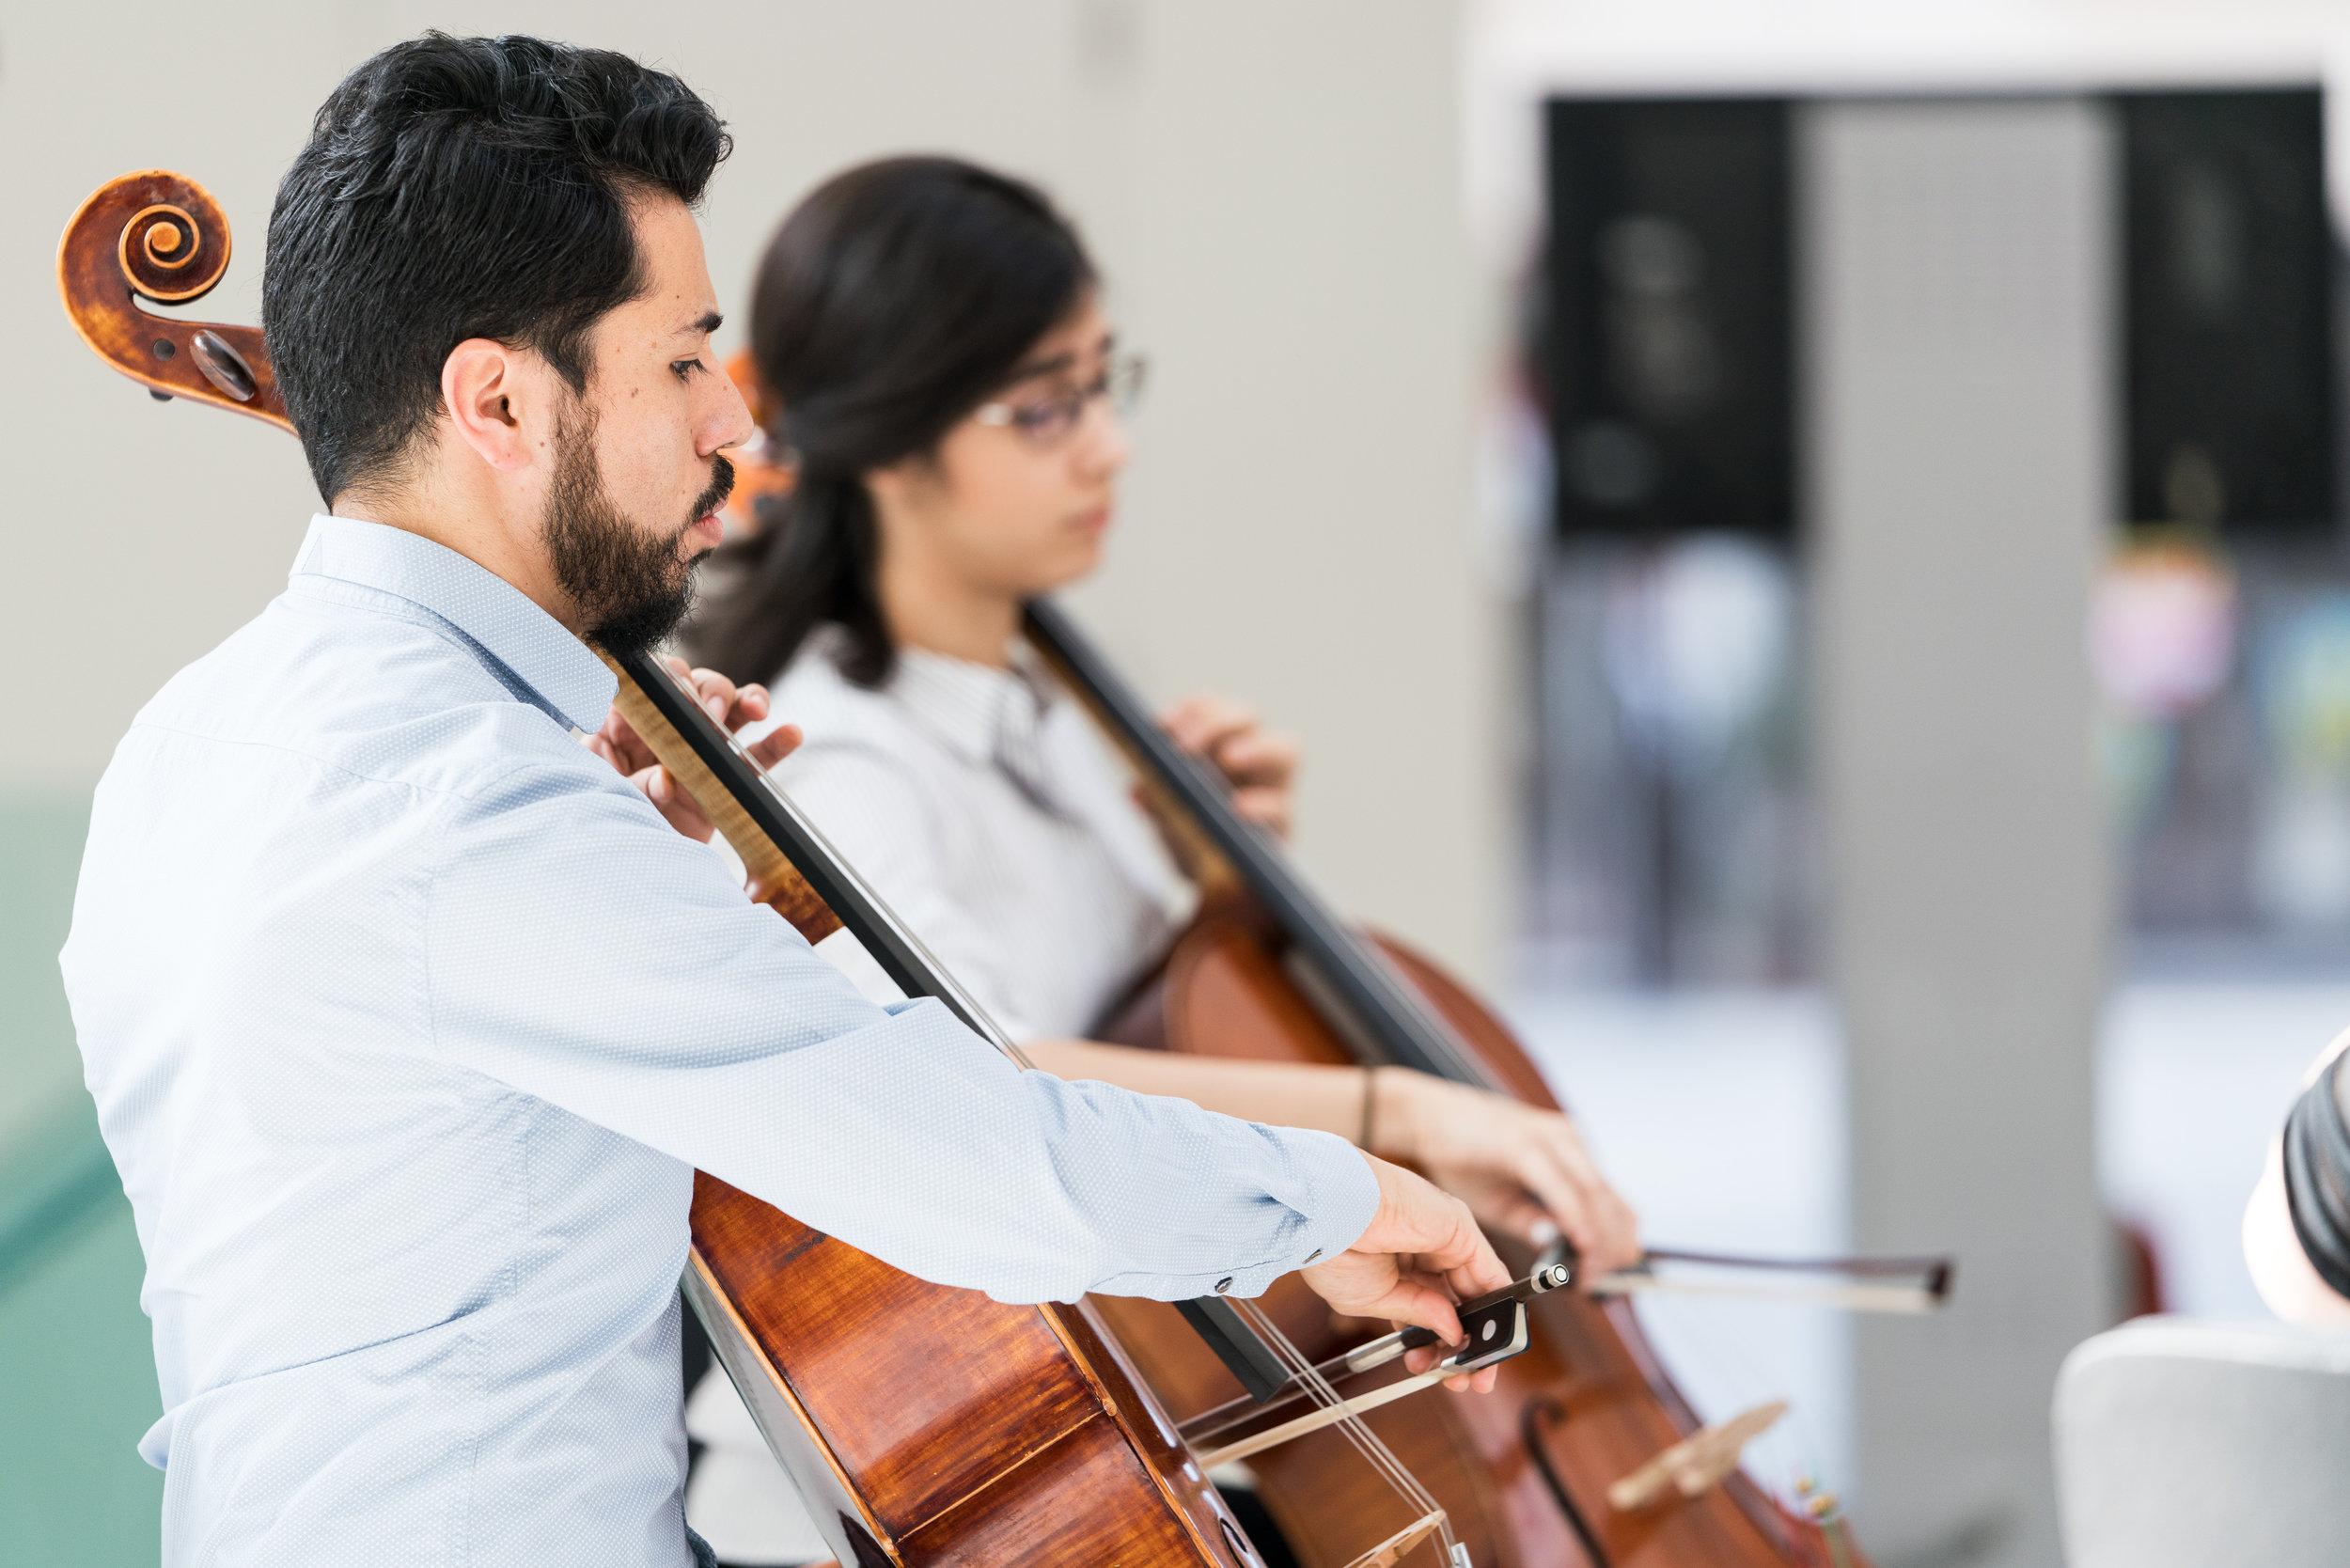 Konzert am Mittag - Cello20180206_010-036.jpg